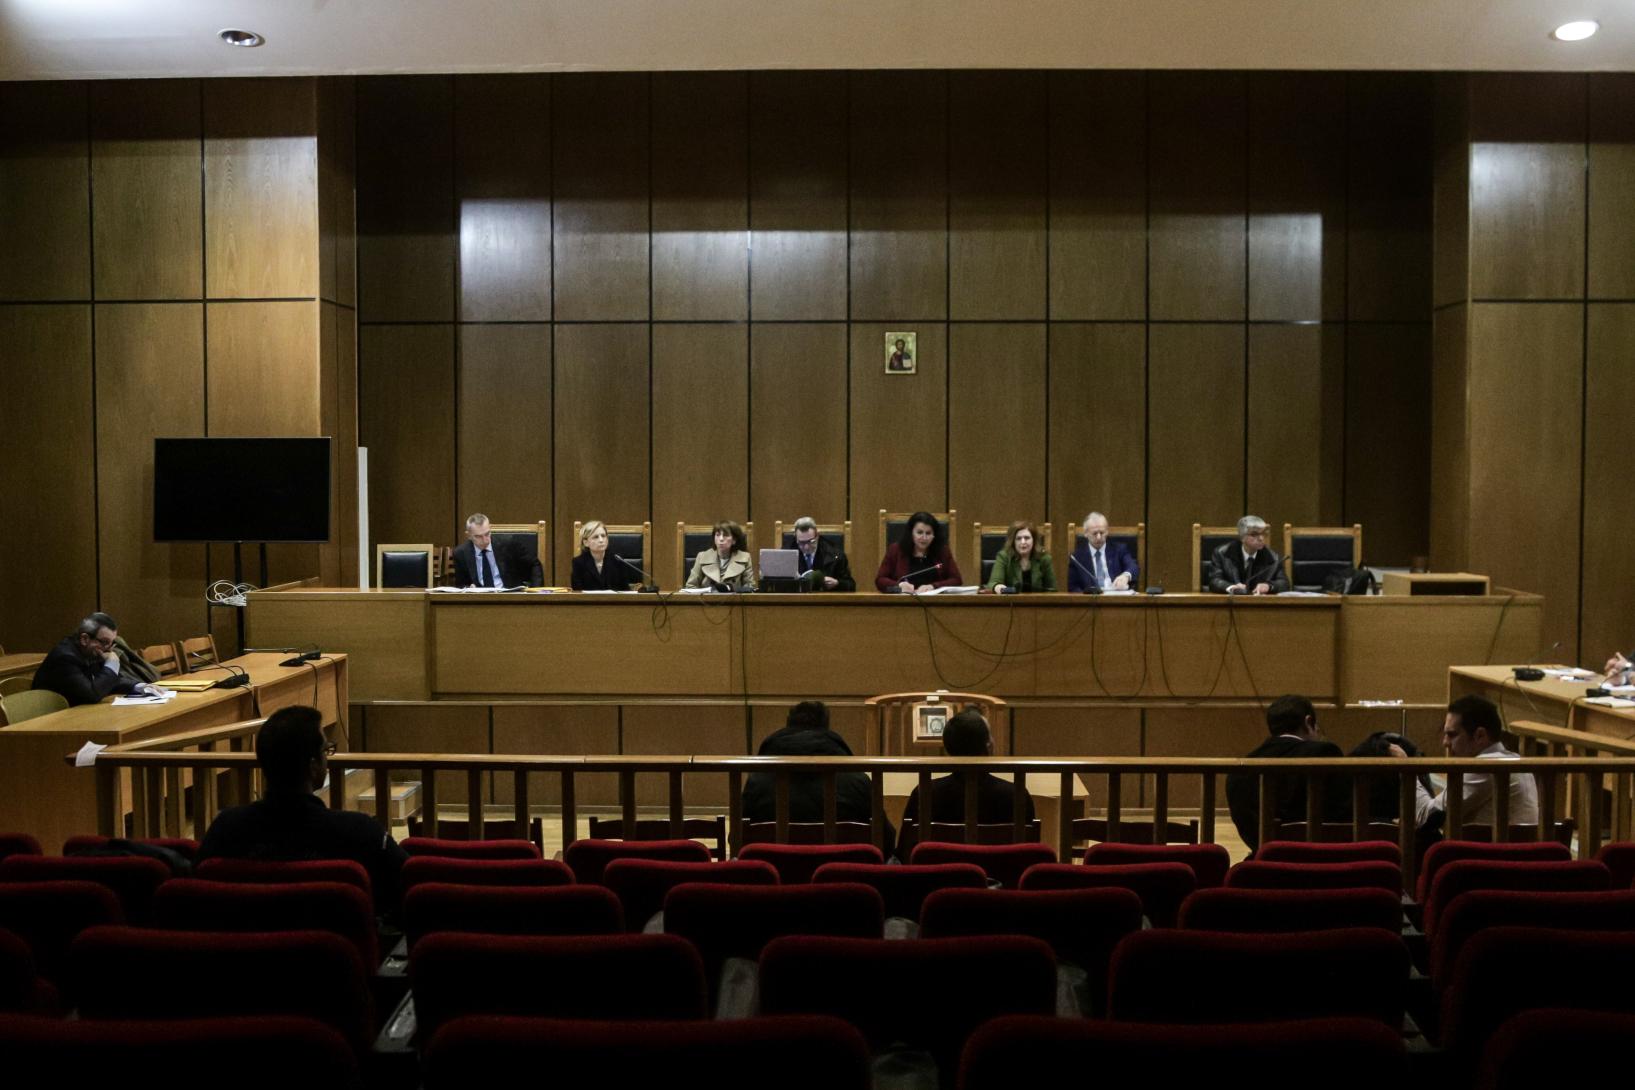 Εισαγγελέας: Δεν είναι εγκληματική οργάνωση η Χρυσή Αυγή – Αθώοι Μιχαλολιάκος και βουλευτές